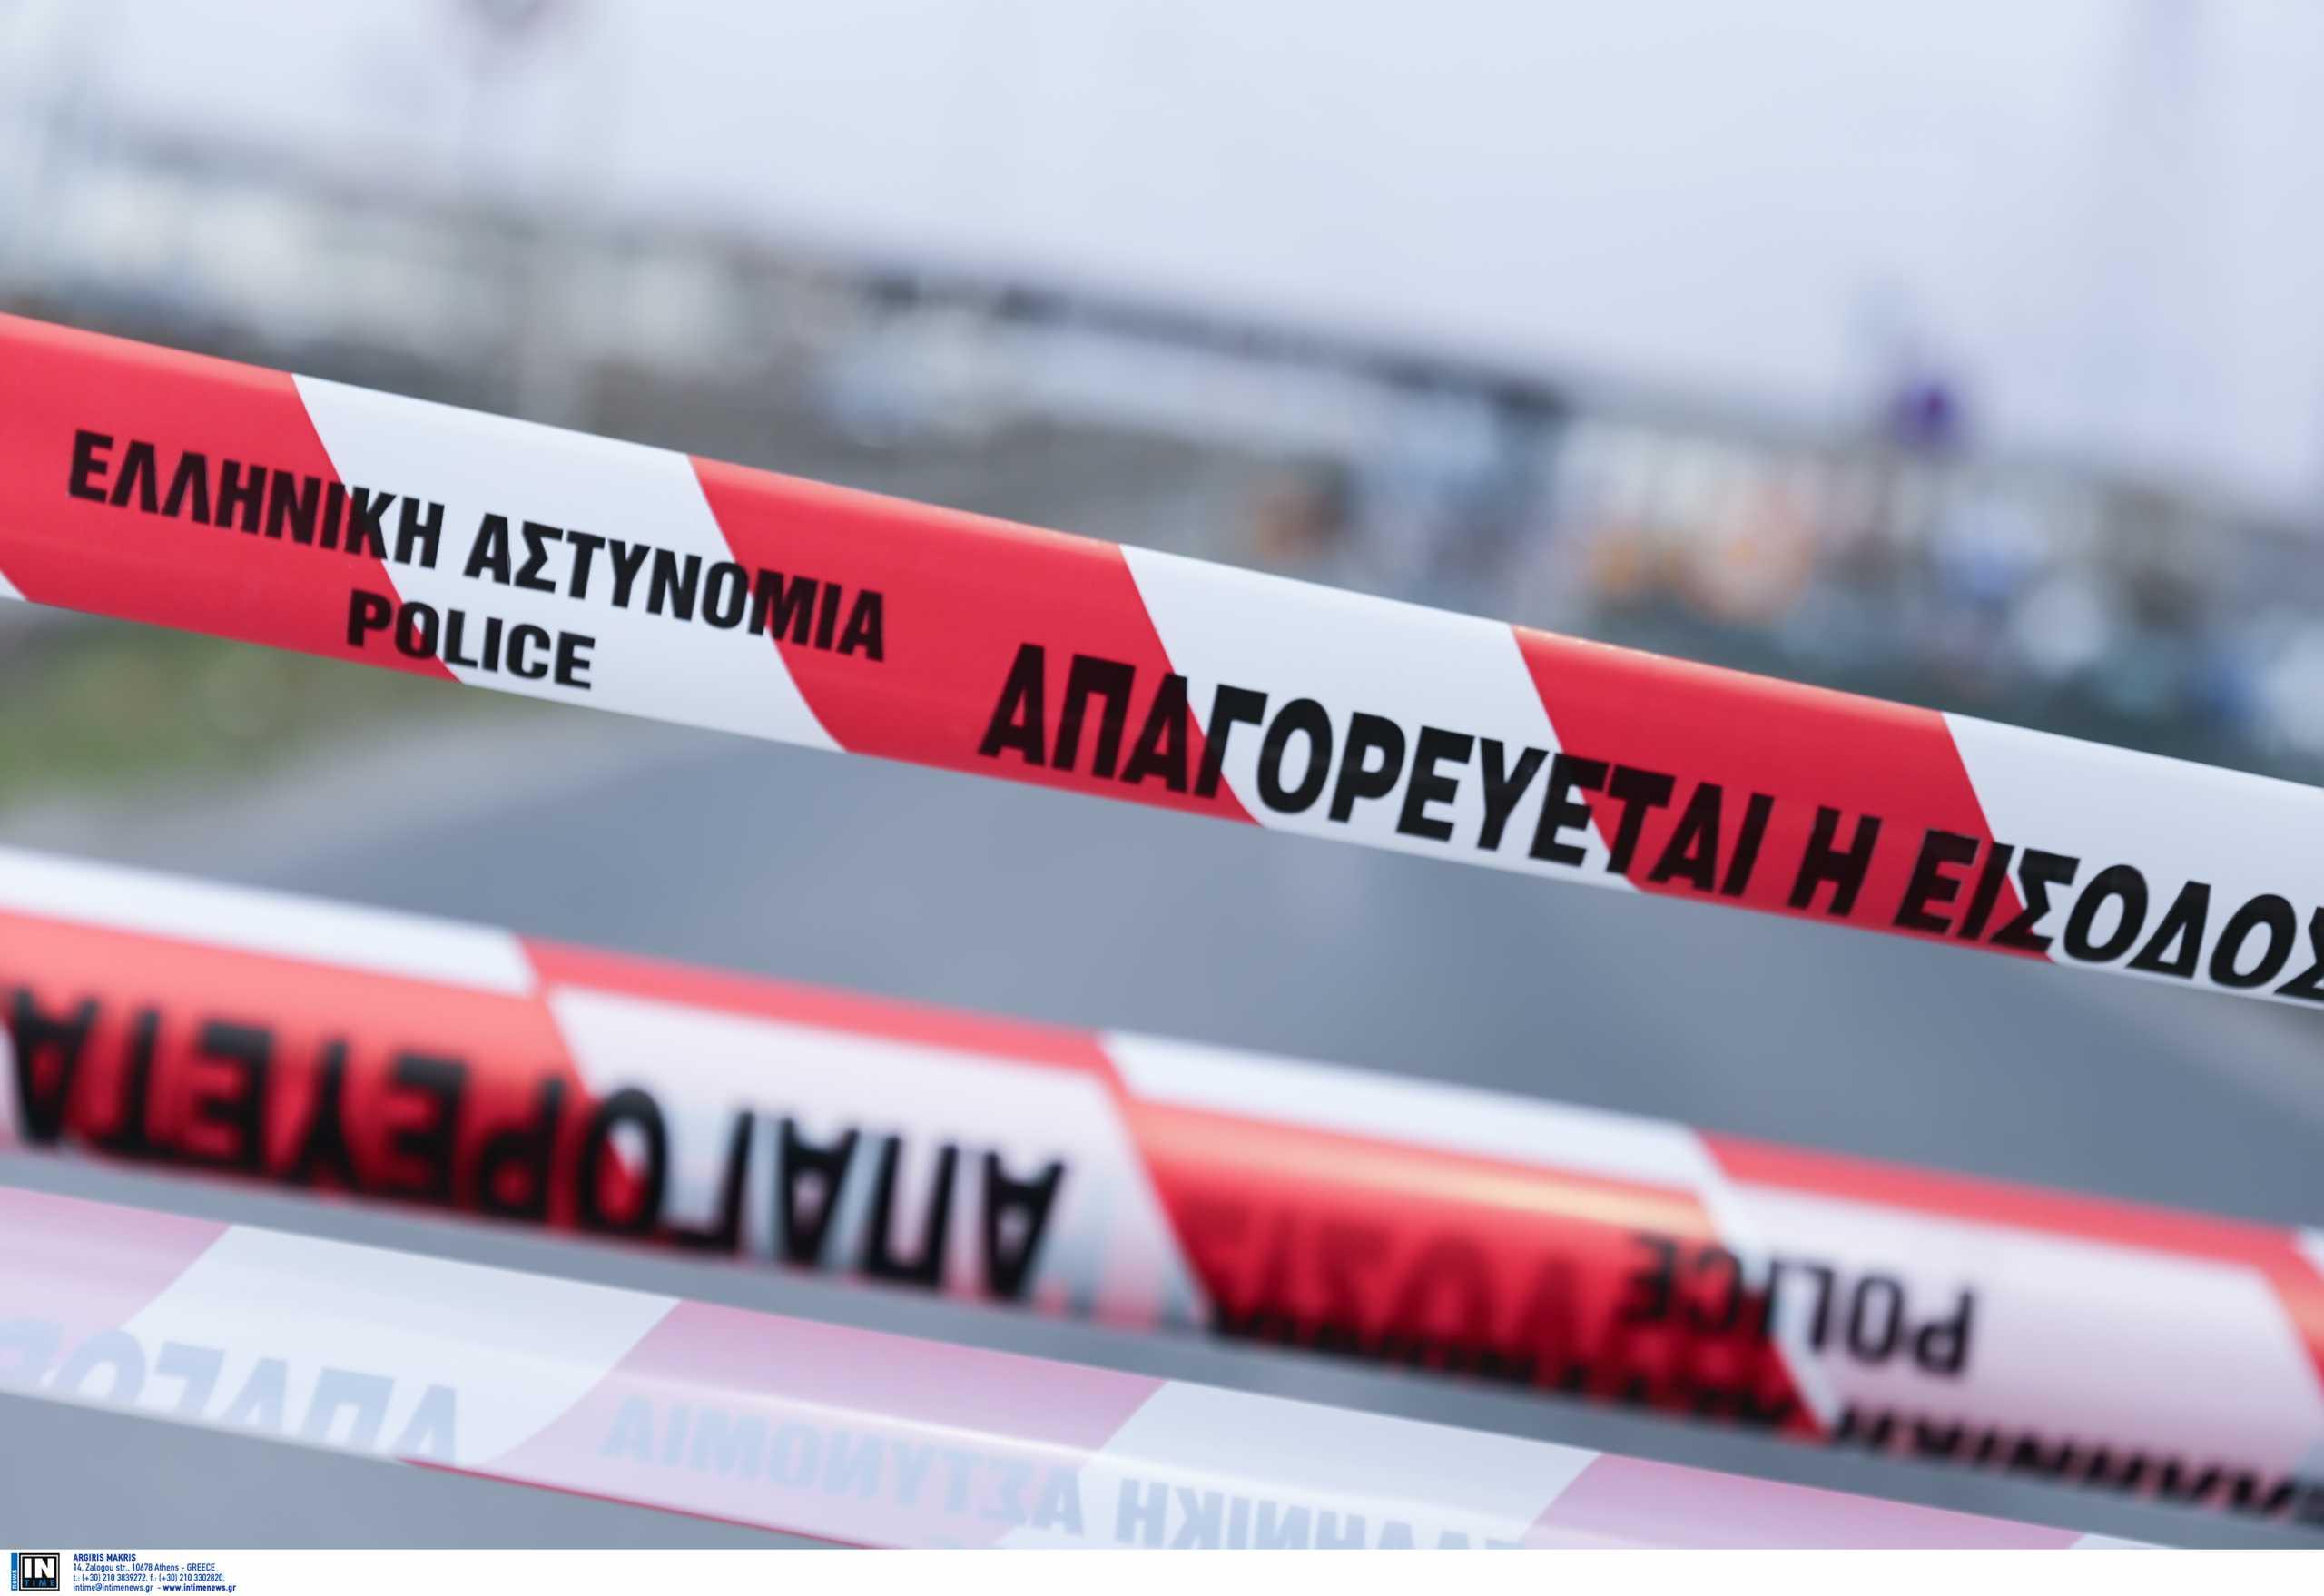 Κρήτη: Ακόμα ένας νεκρός στην άσφαλτο – Το τροχαίο και η είδηση που σκόρπισε θλίψη στη Μεσαρά